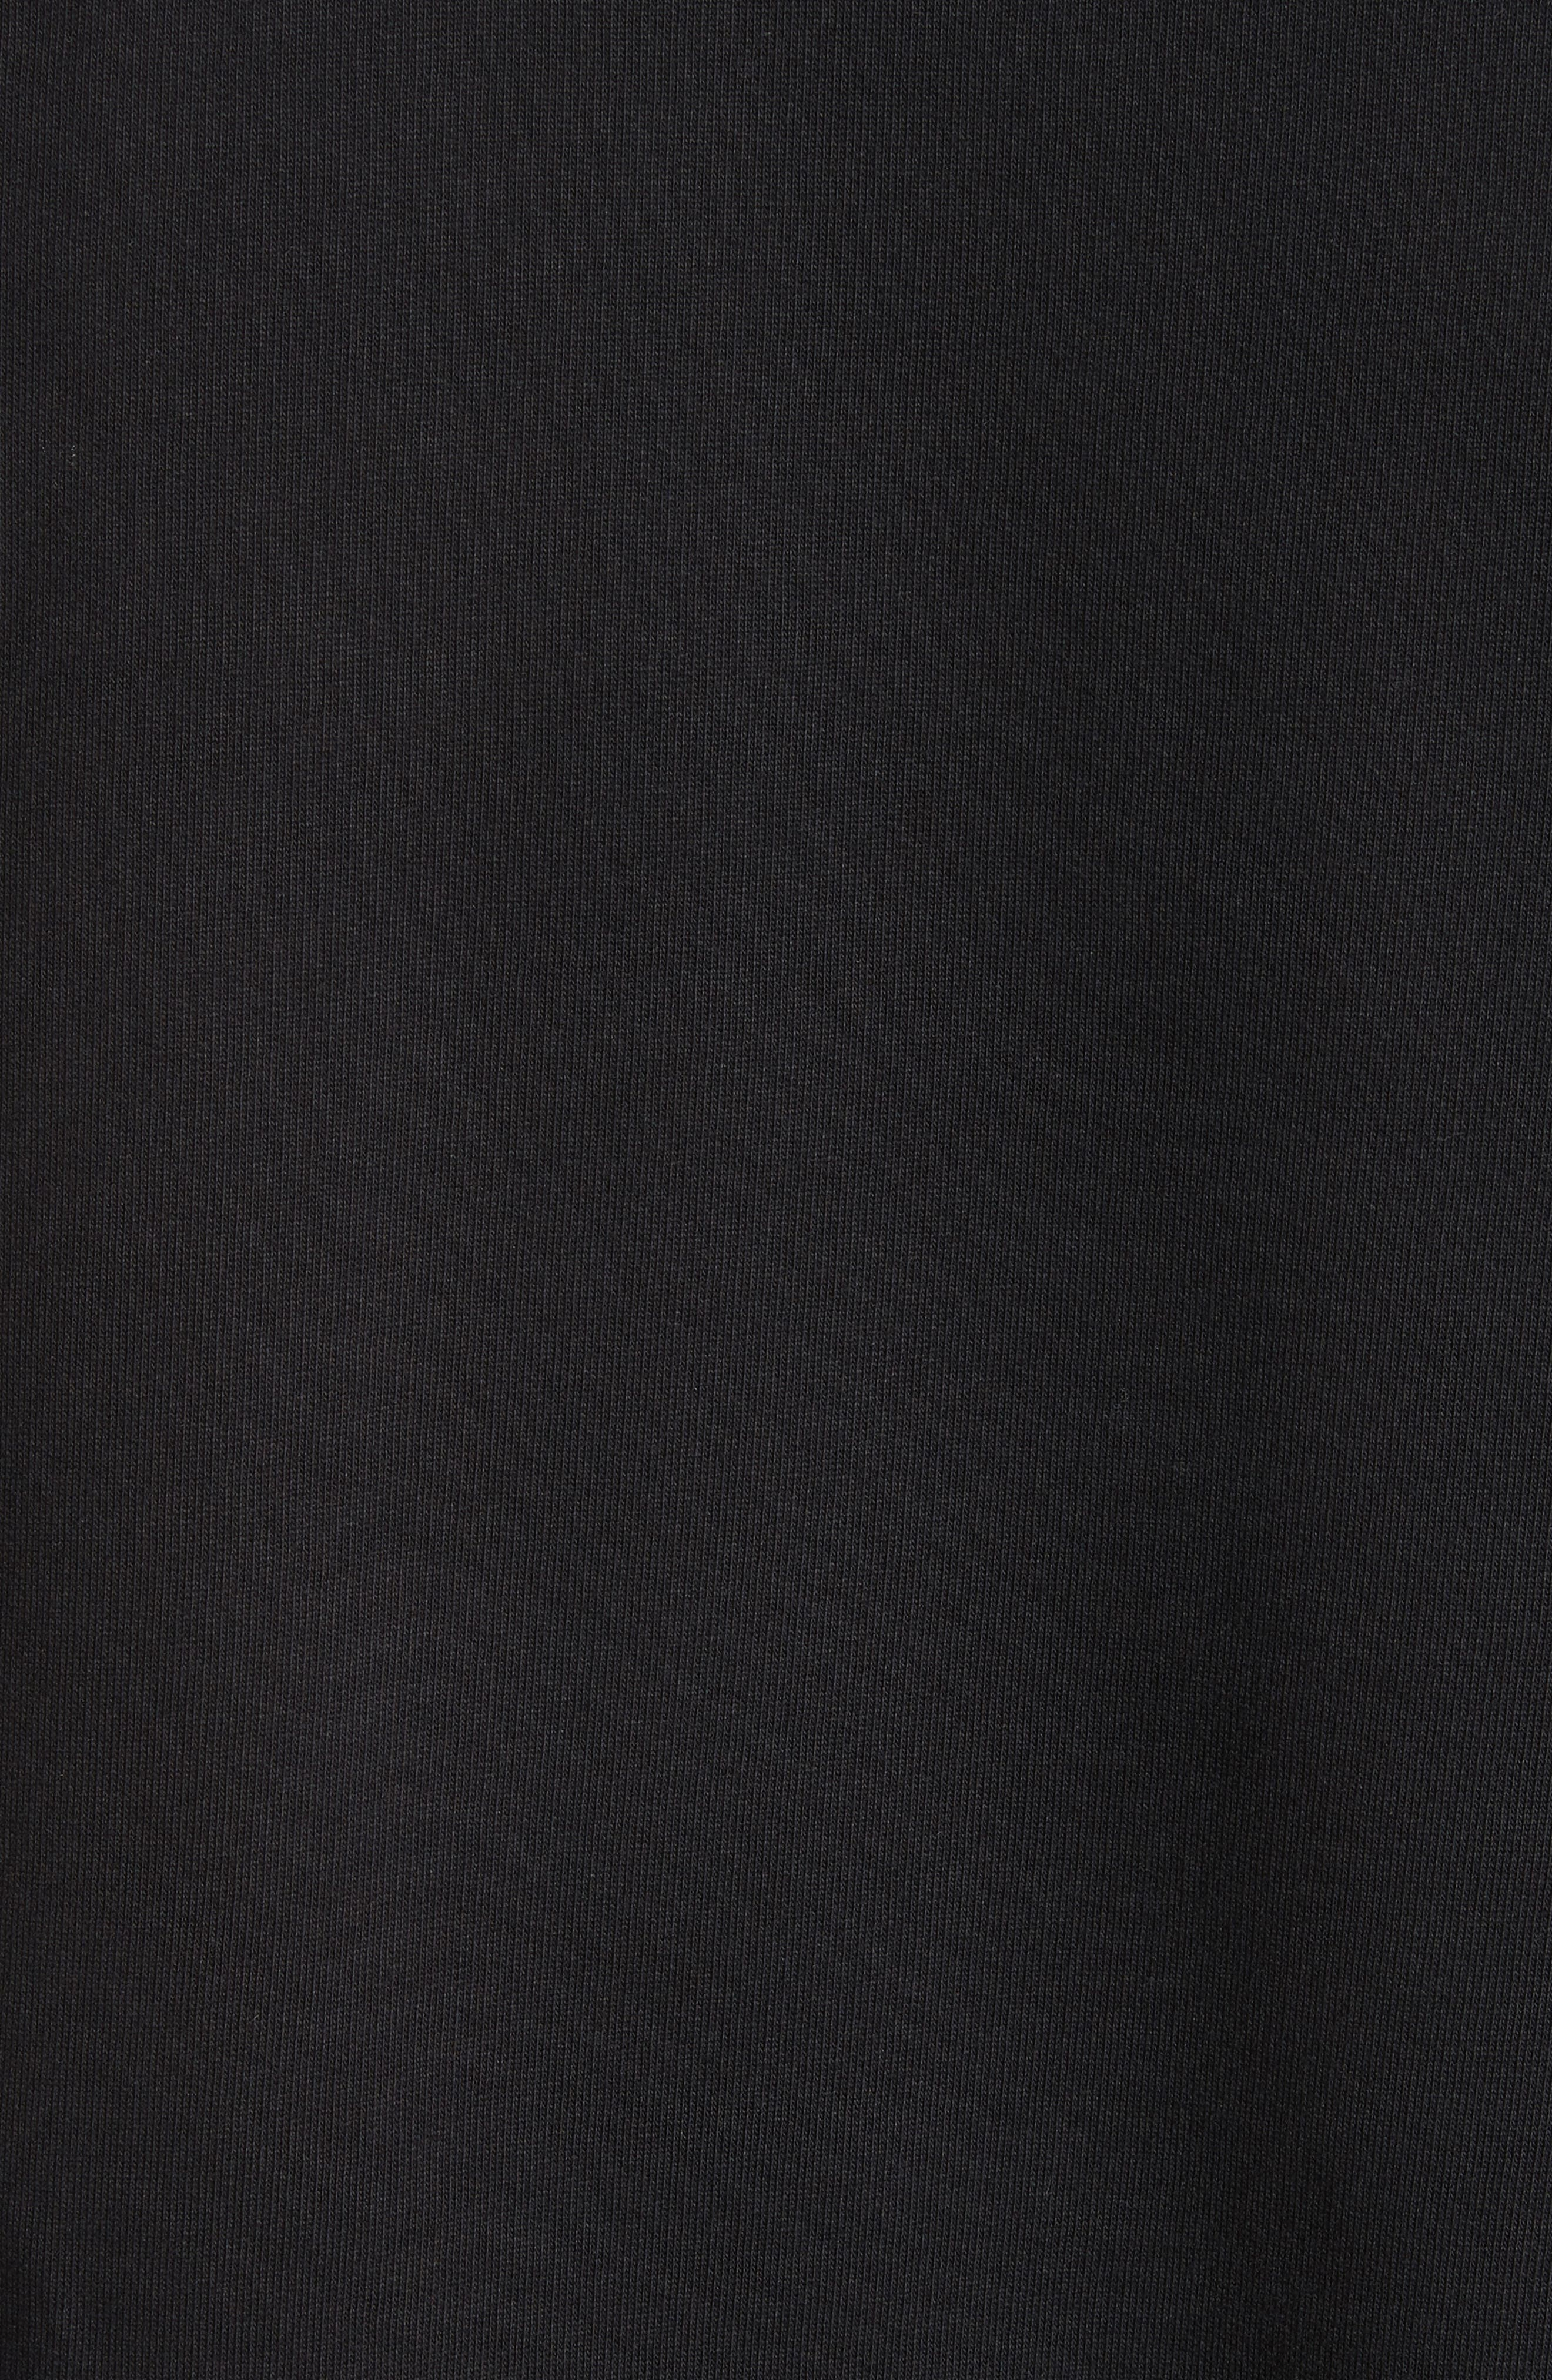 Cuban Fit Realize Sweatshirt,                             Alternate thumbnail 5, color,                             Black